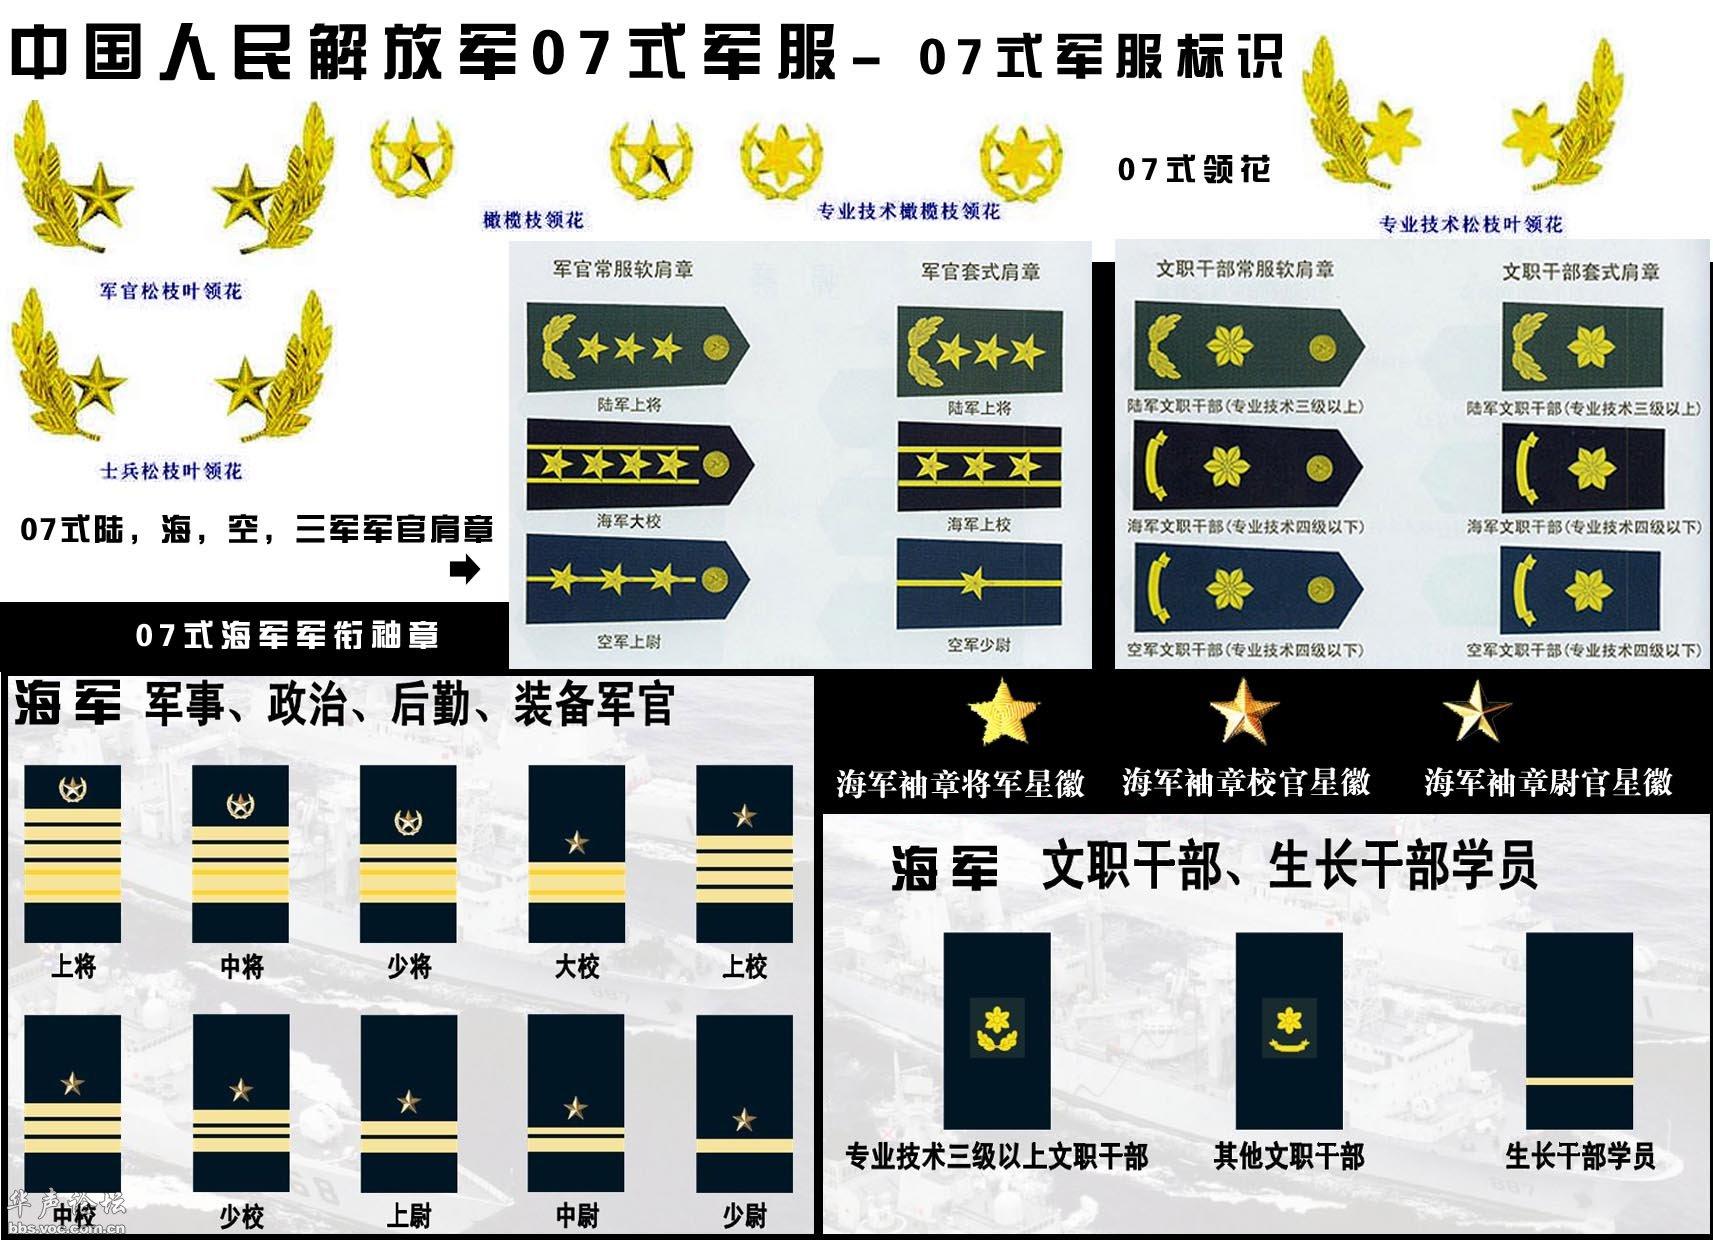 解放军军衔 [转载]解读中国人民 解放军军衔等级 与肩章标志 中国人民